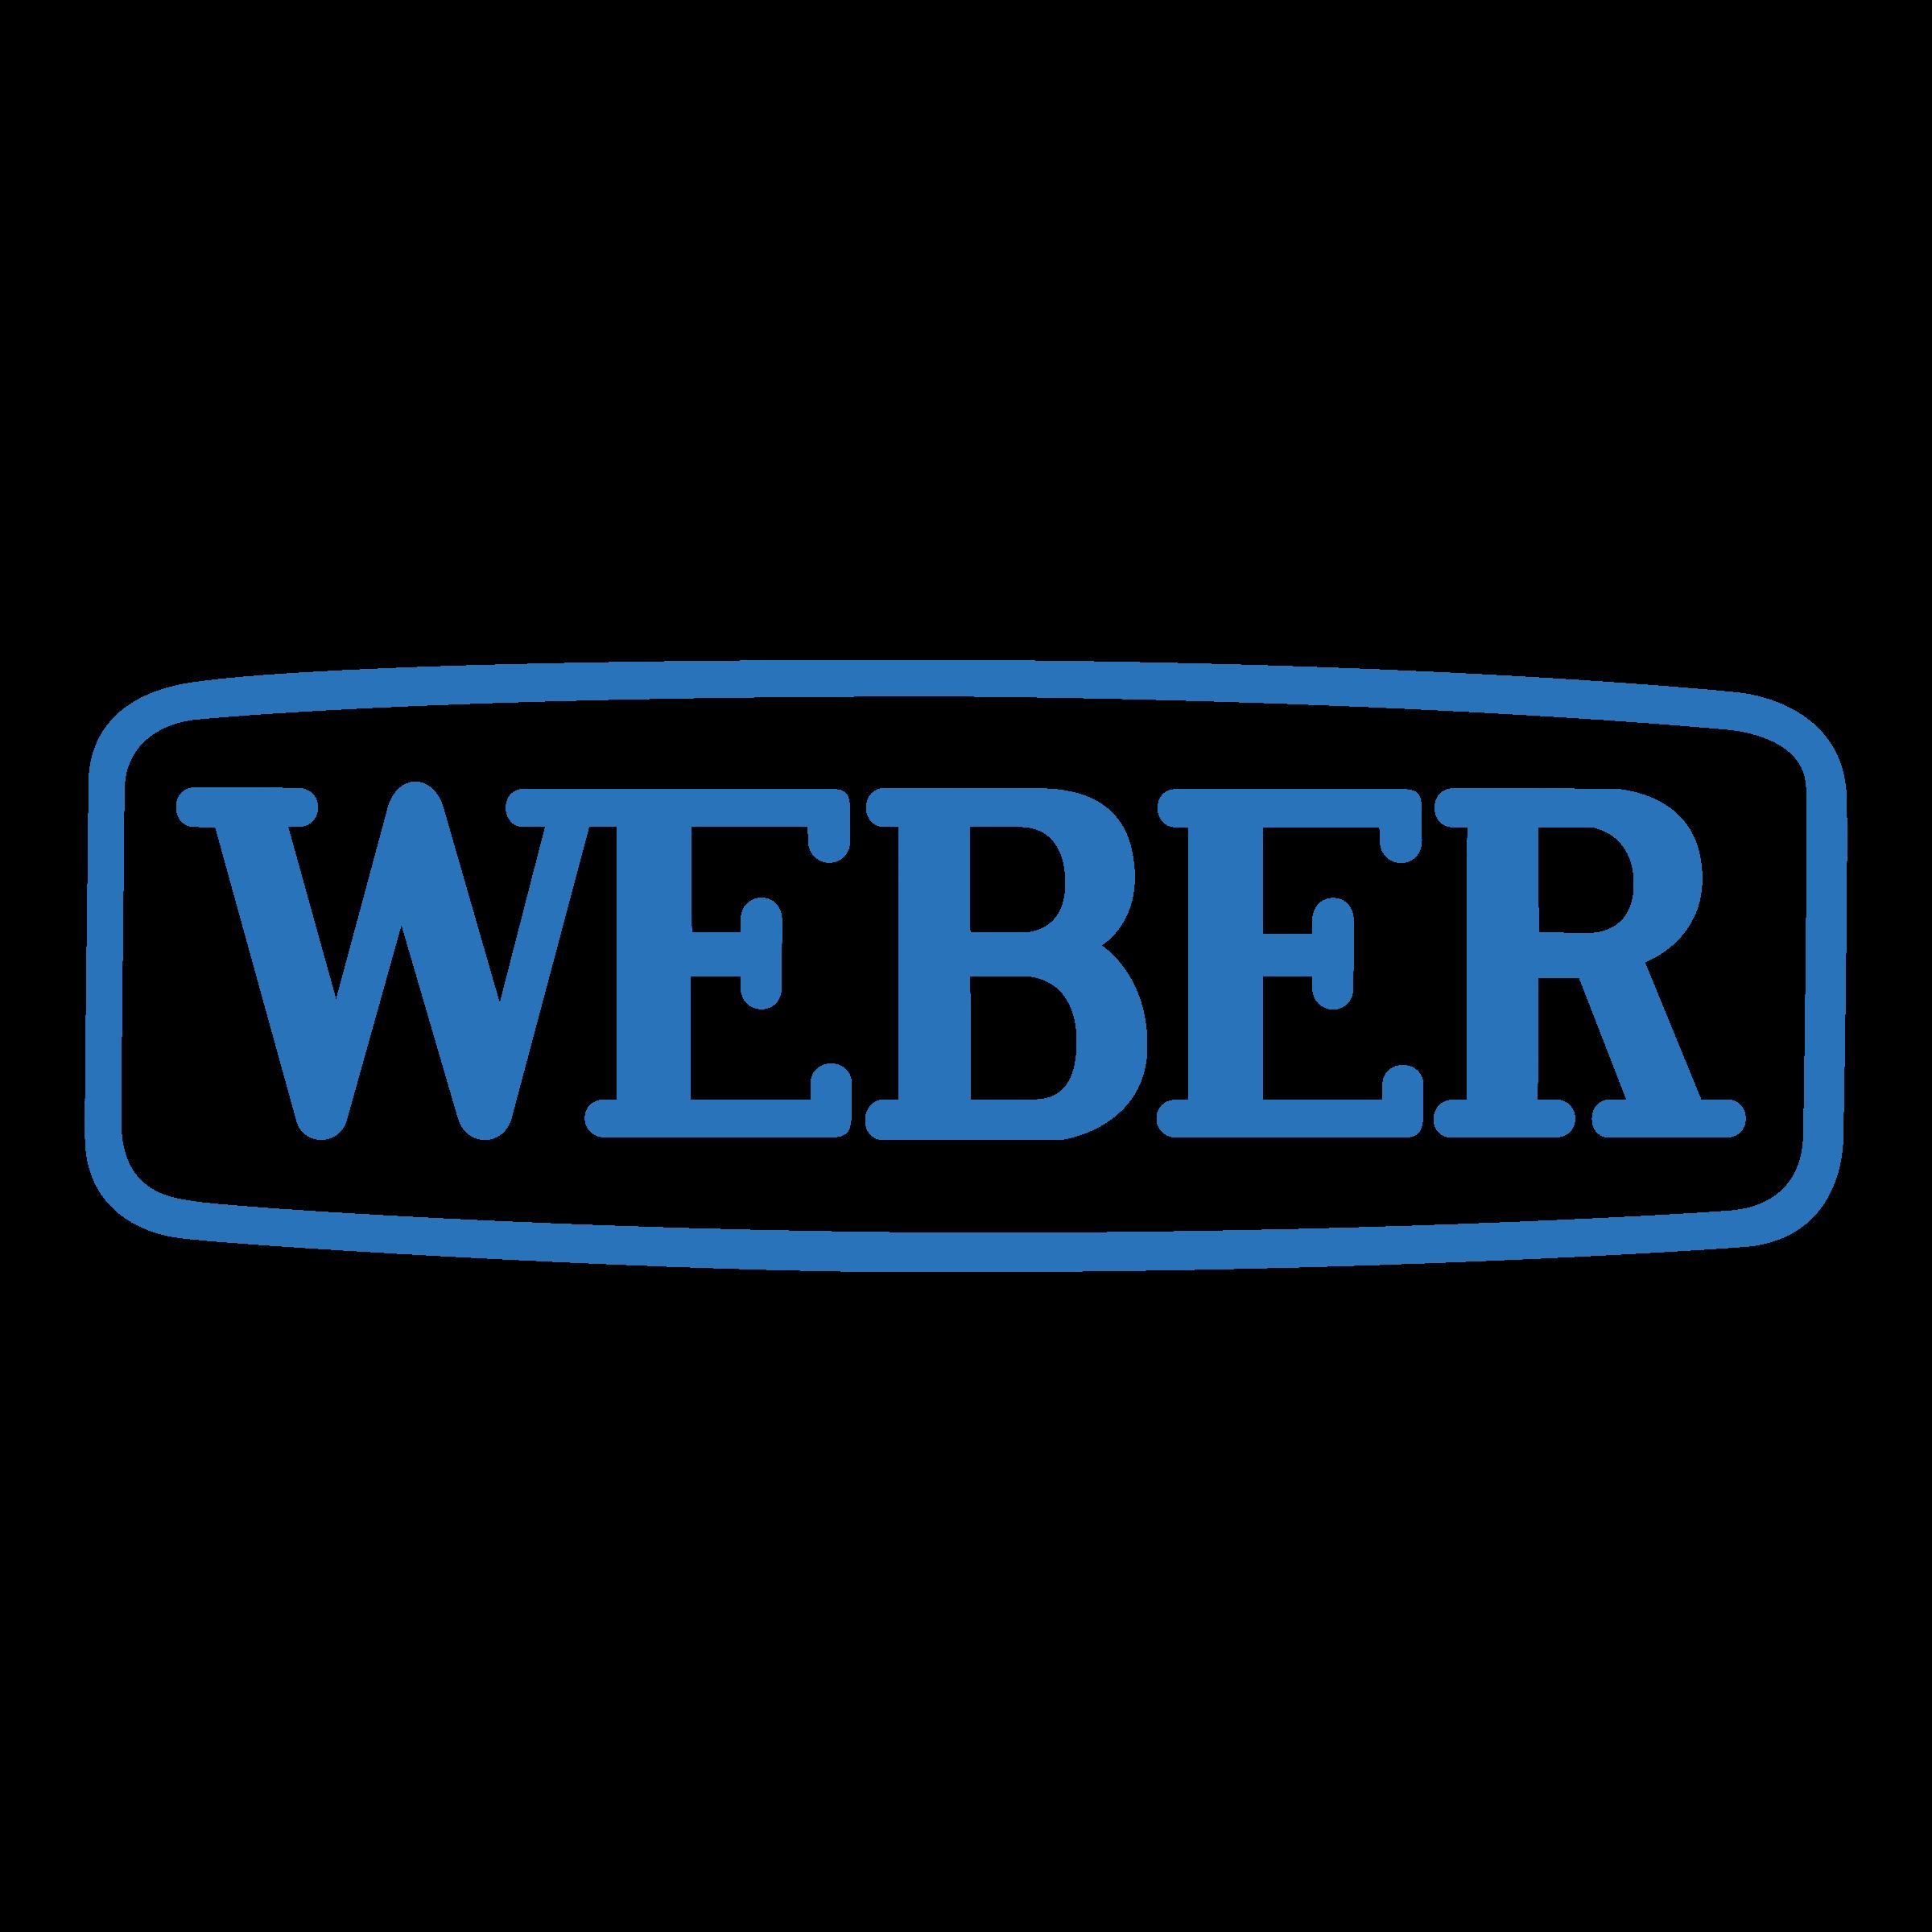 Weber Logo PNG Transparent & SVG Vector.